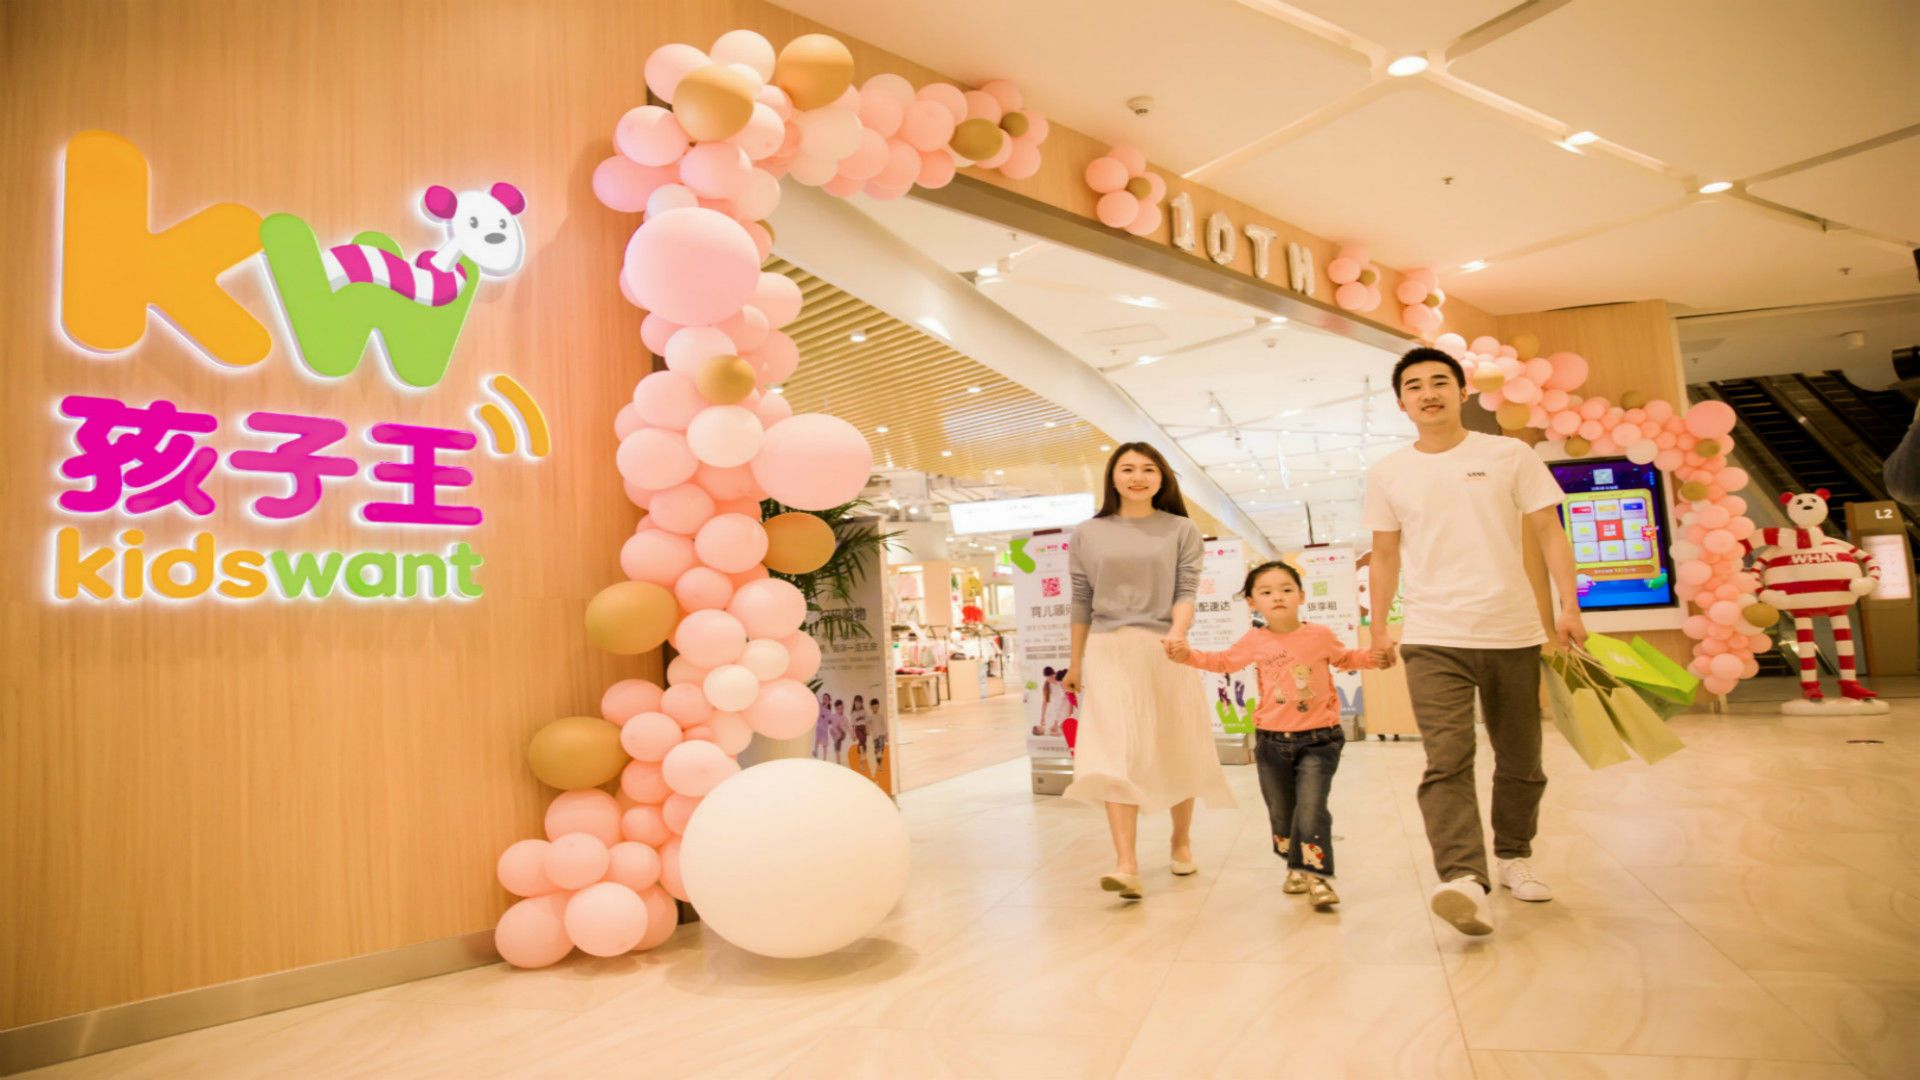 杏悦,创业板上市大幅扩张杏悦能否占领婴童图片